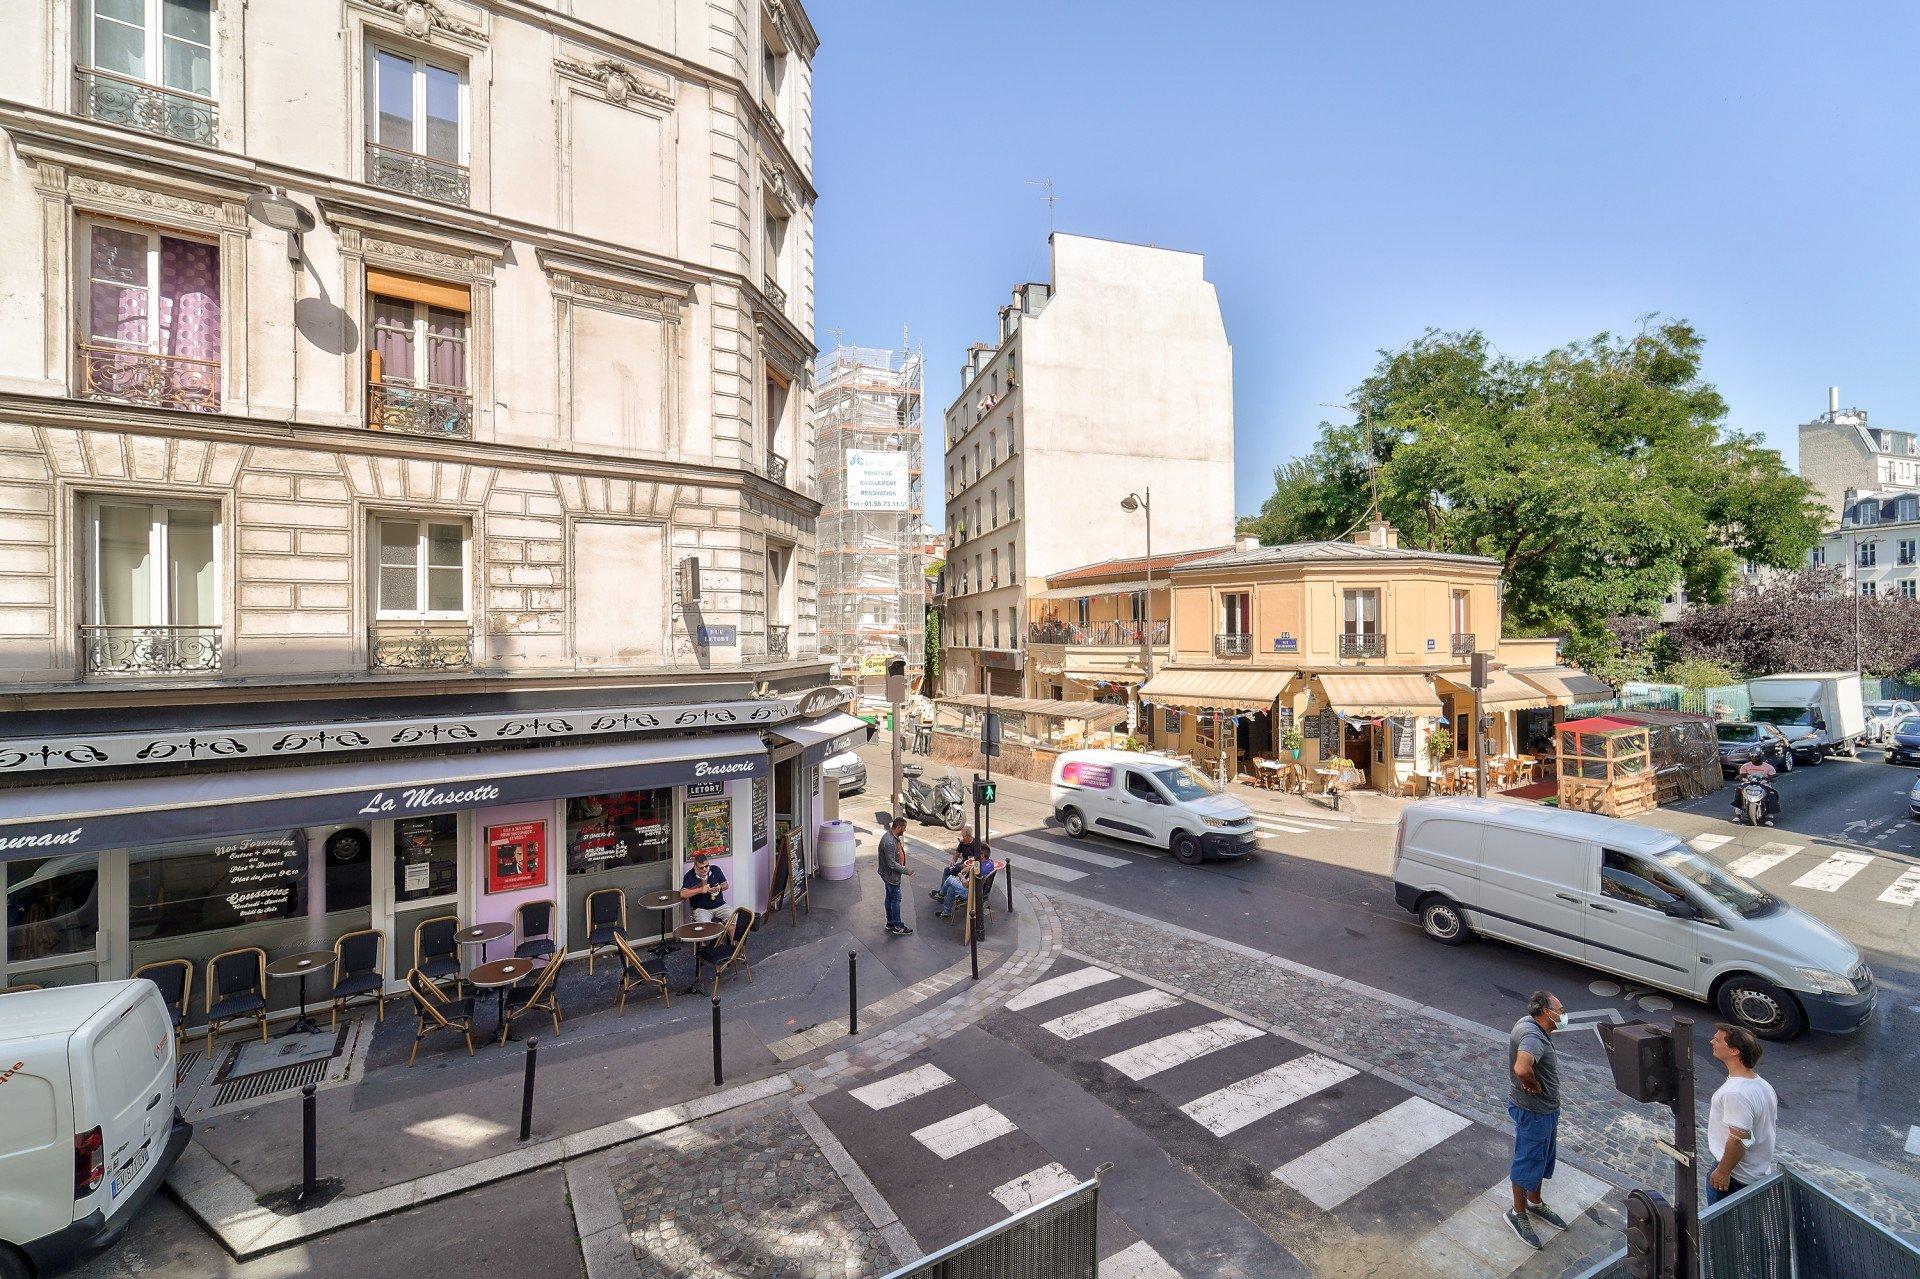 Paris - XVIII ème - M° Jules-Joffrin - MAIRIE DU XVIII ÈME - 2 PIÈCES À RÉNOVER - VUE DÉGAGÉE CIEL ET JARDIN -  SOLEIL - IMMEUBLE D'ANGLE - 4 FENÊTRES - EXCELLENT AGENCEMENT.